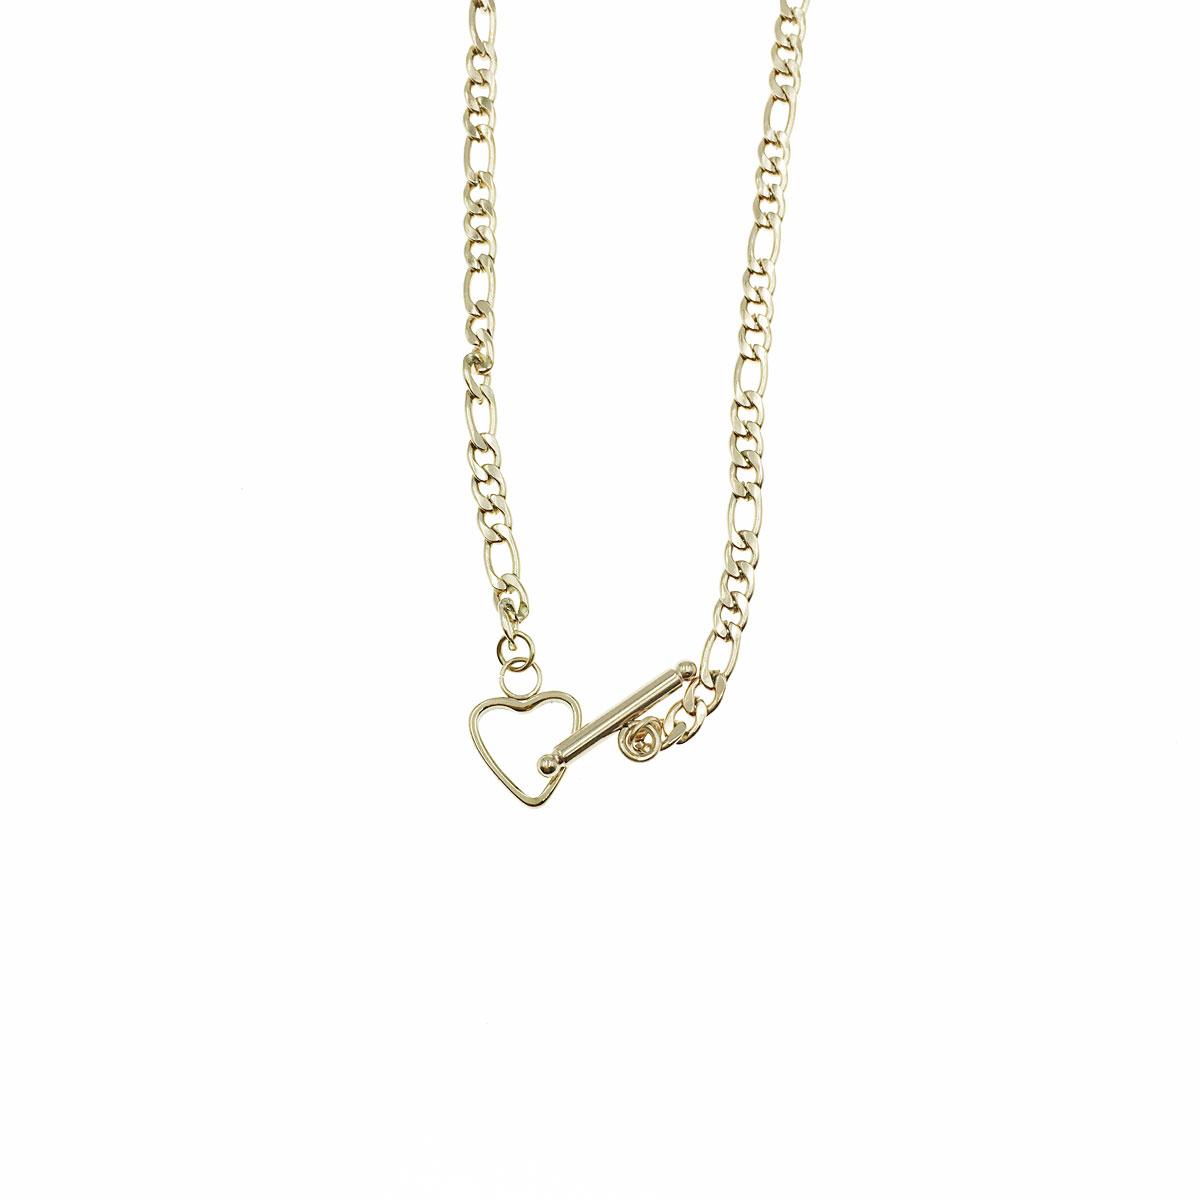 韓國 不銹鋼 愛心 簍空 墜扣 簡約 鎖骨鍊 短鍊 項鍊 飾品